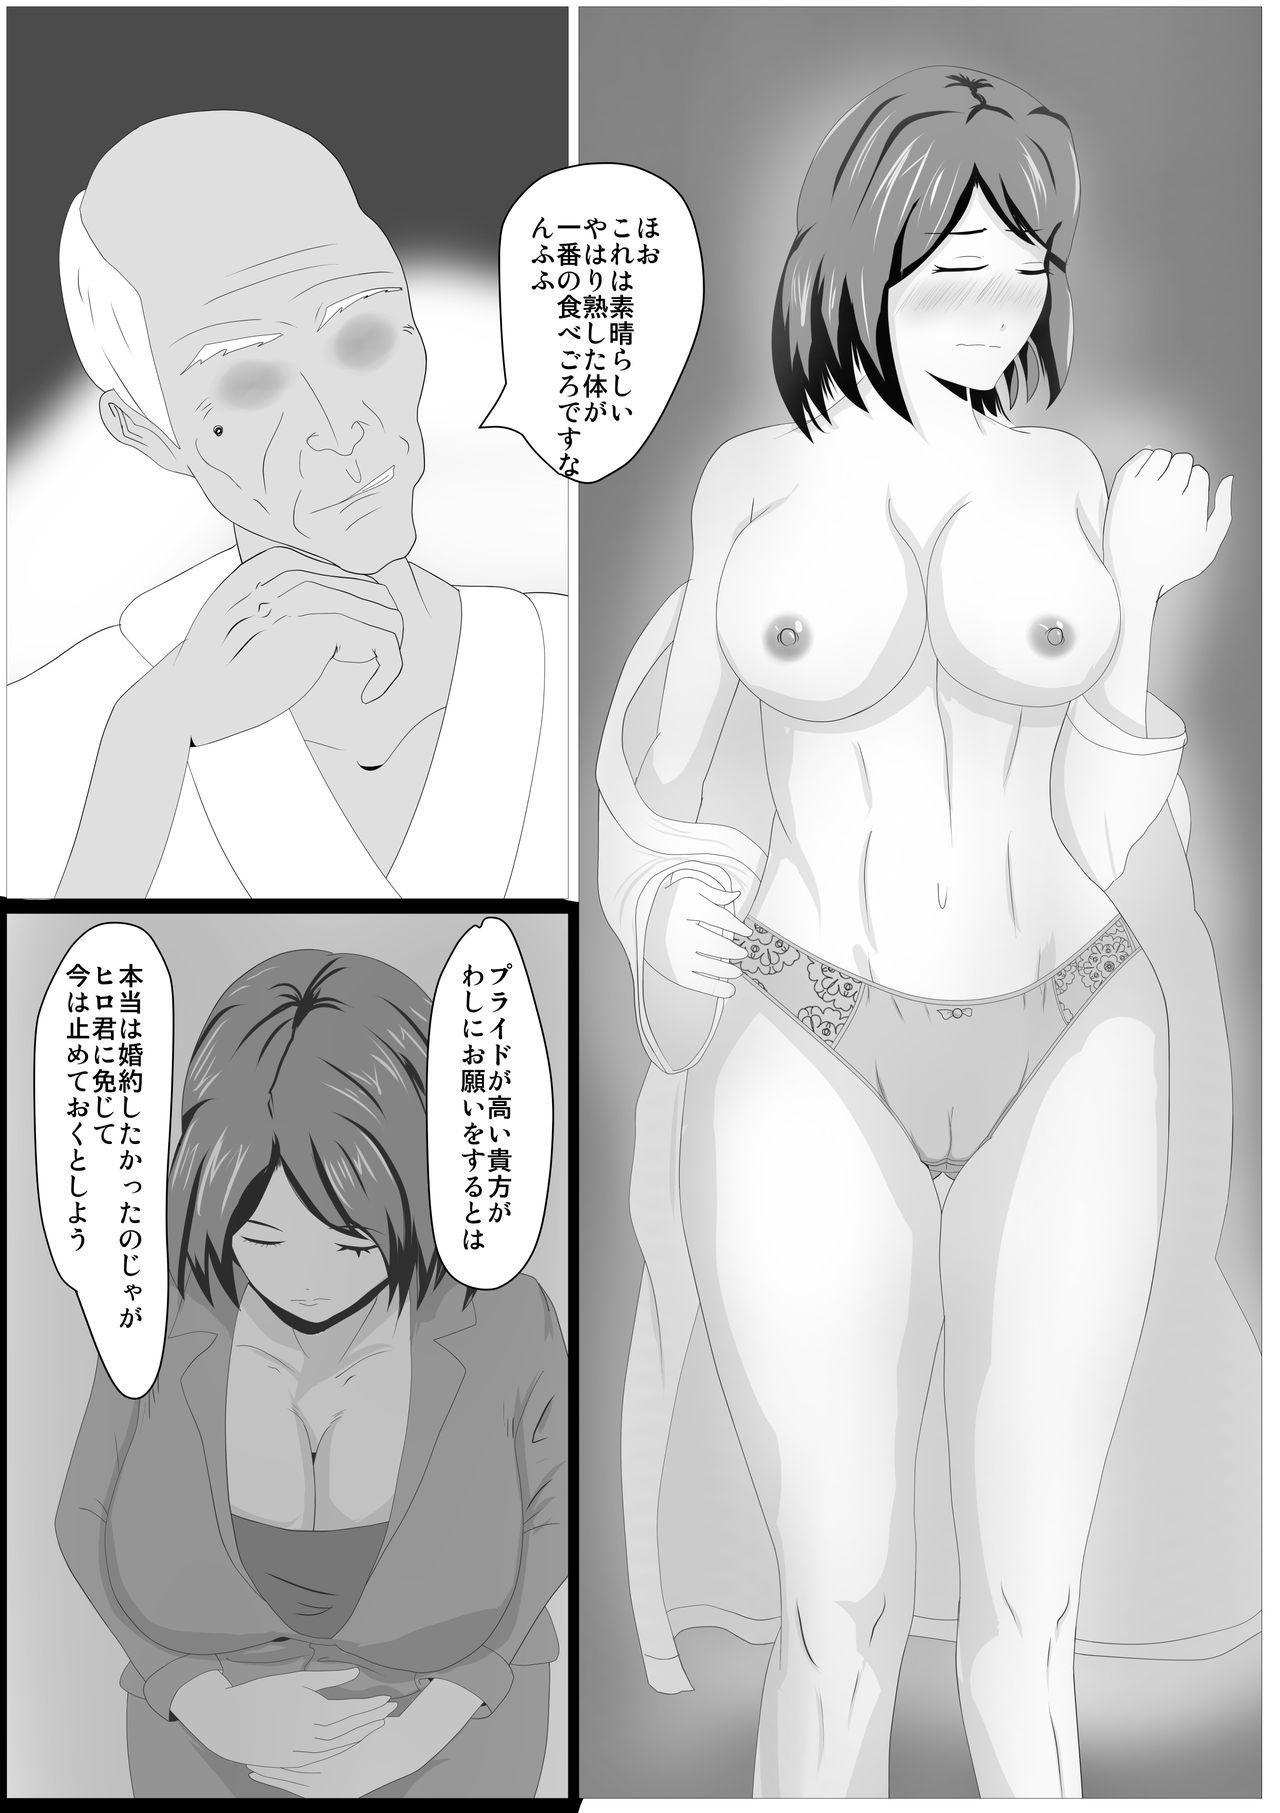 Musuko no Tamenaraba 17